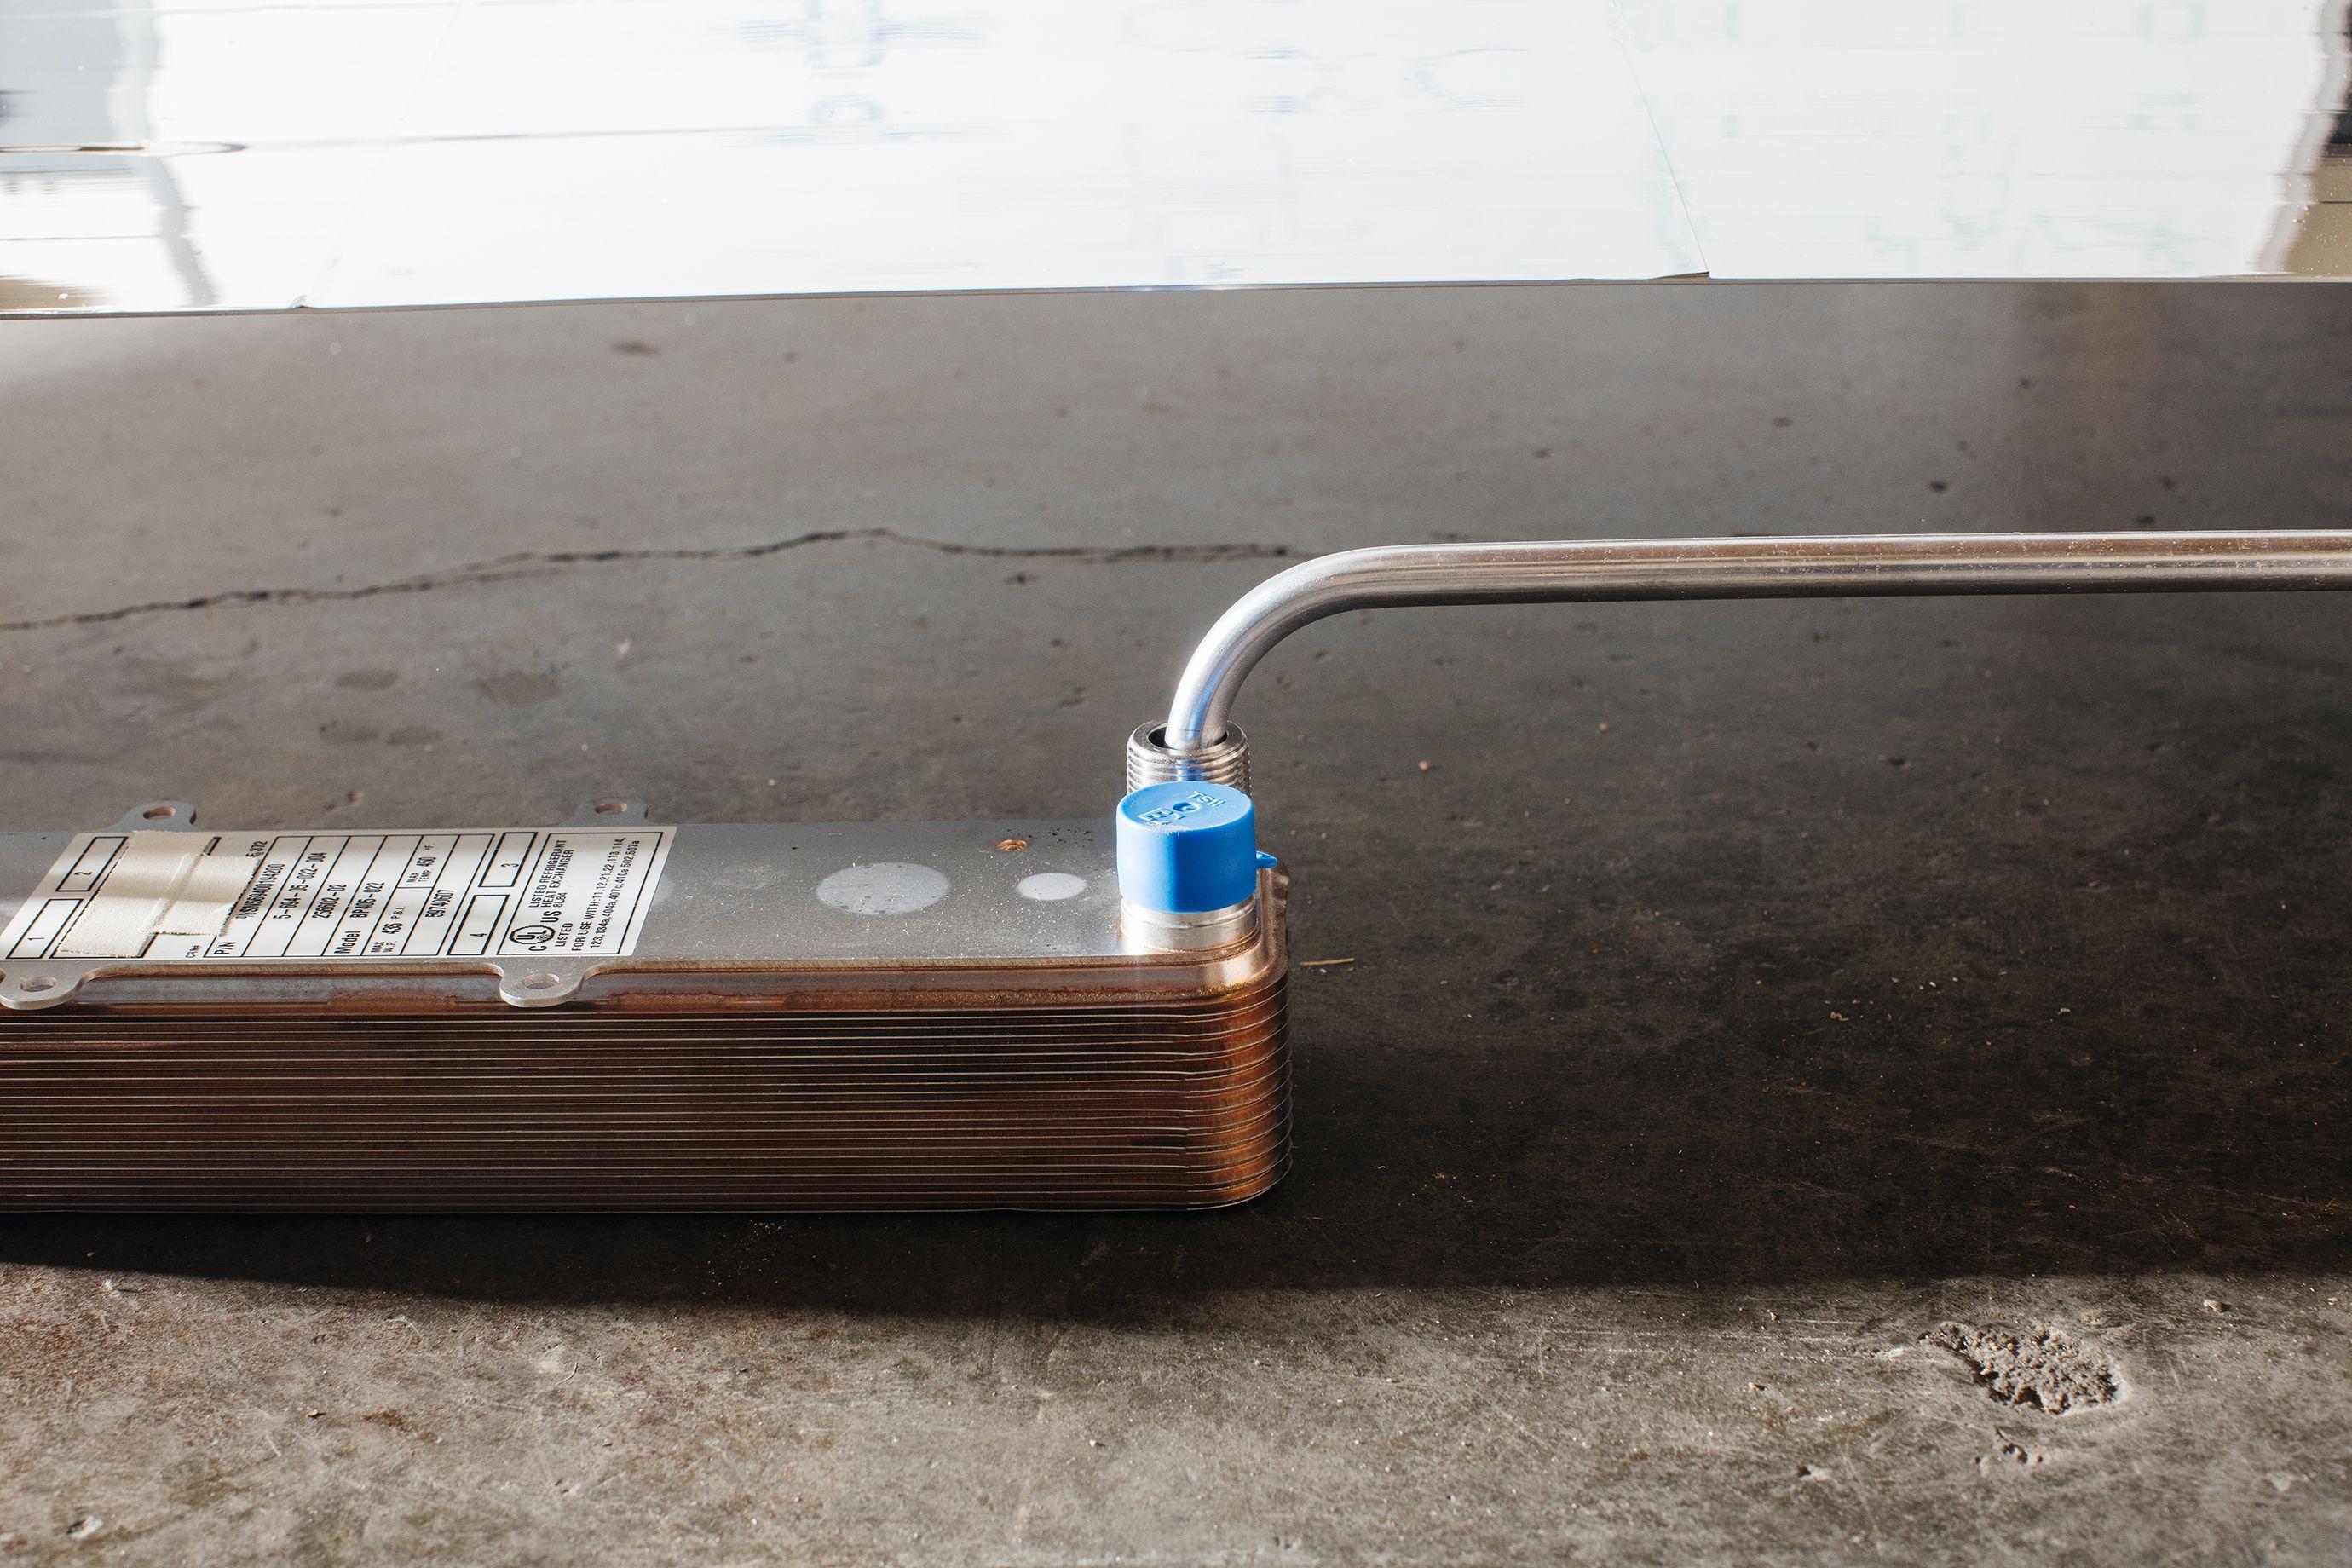 El calor del refrigerante se transfiere a la mezcla de agua a través de placas de metal dentro del intercambiador de calor. El líquido calentado sale del intercambiador de calor a través de tuberías.